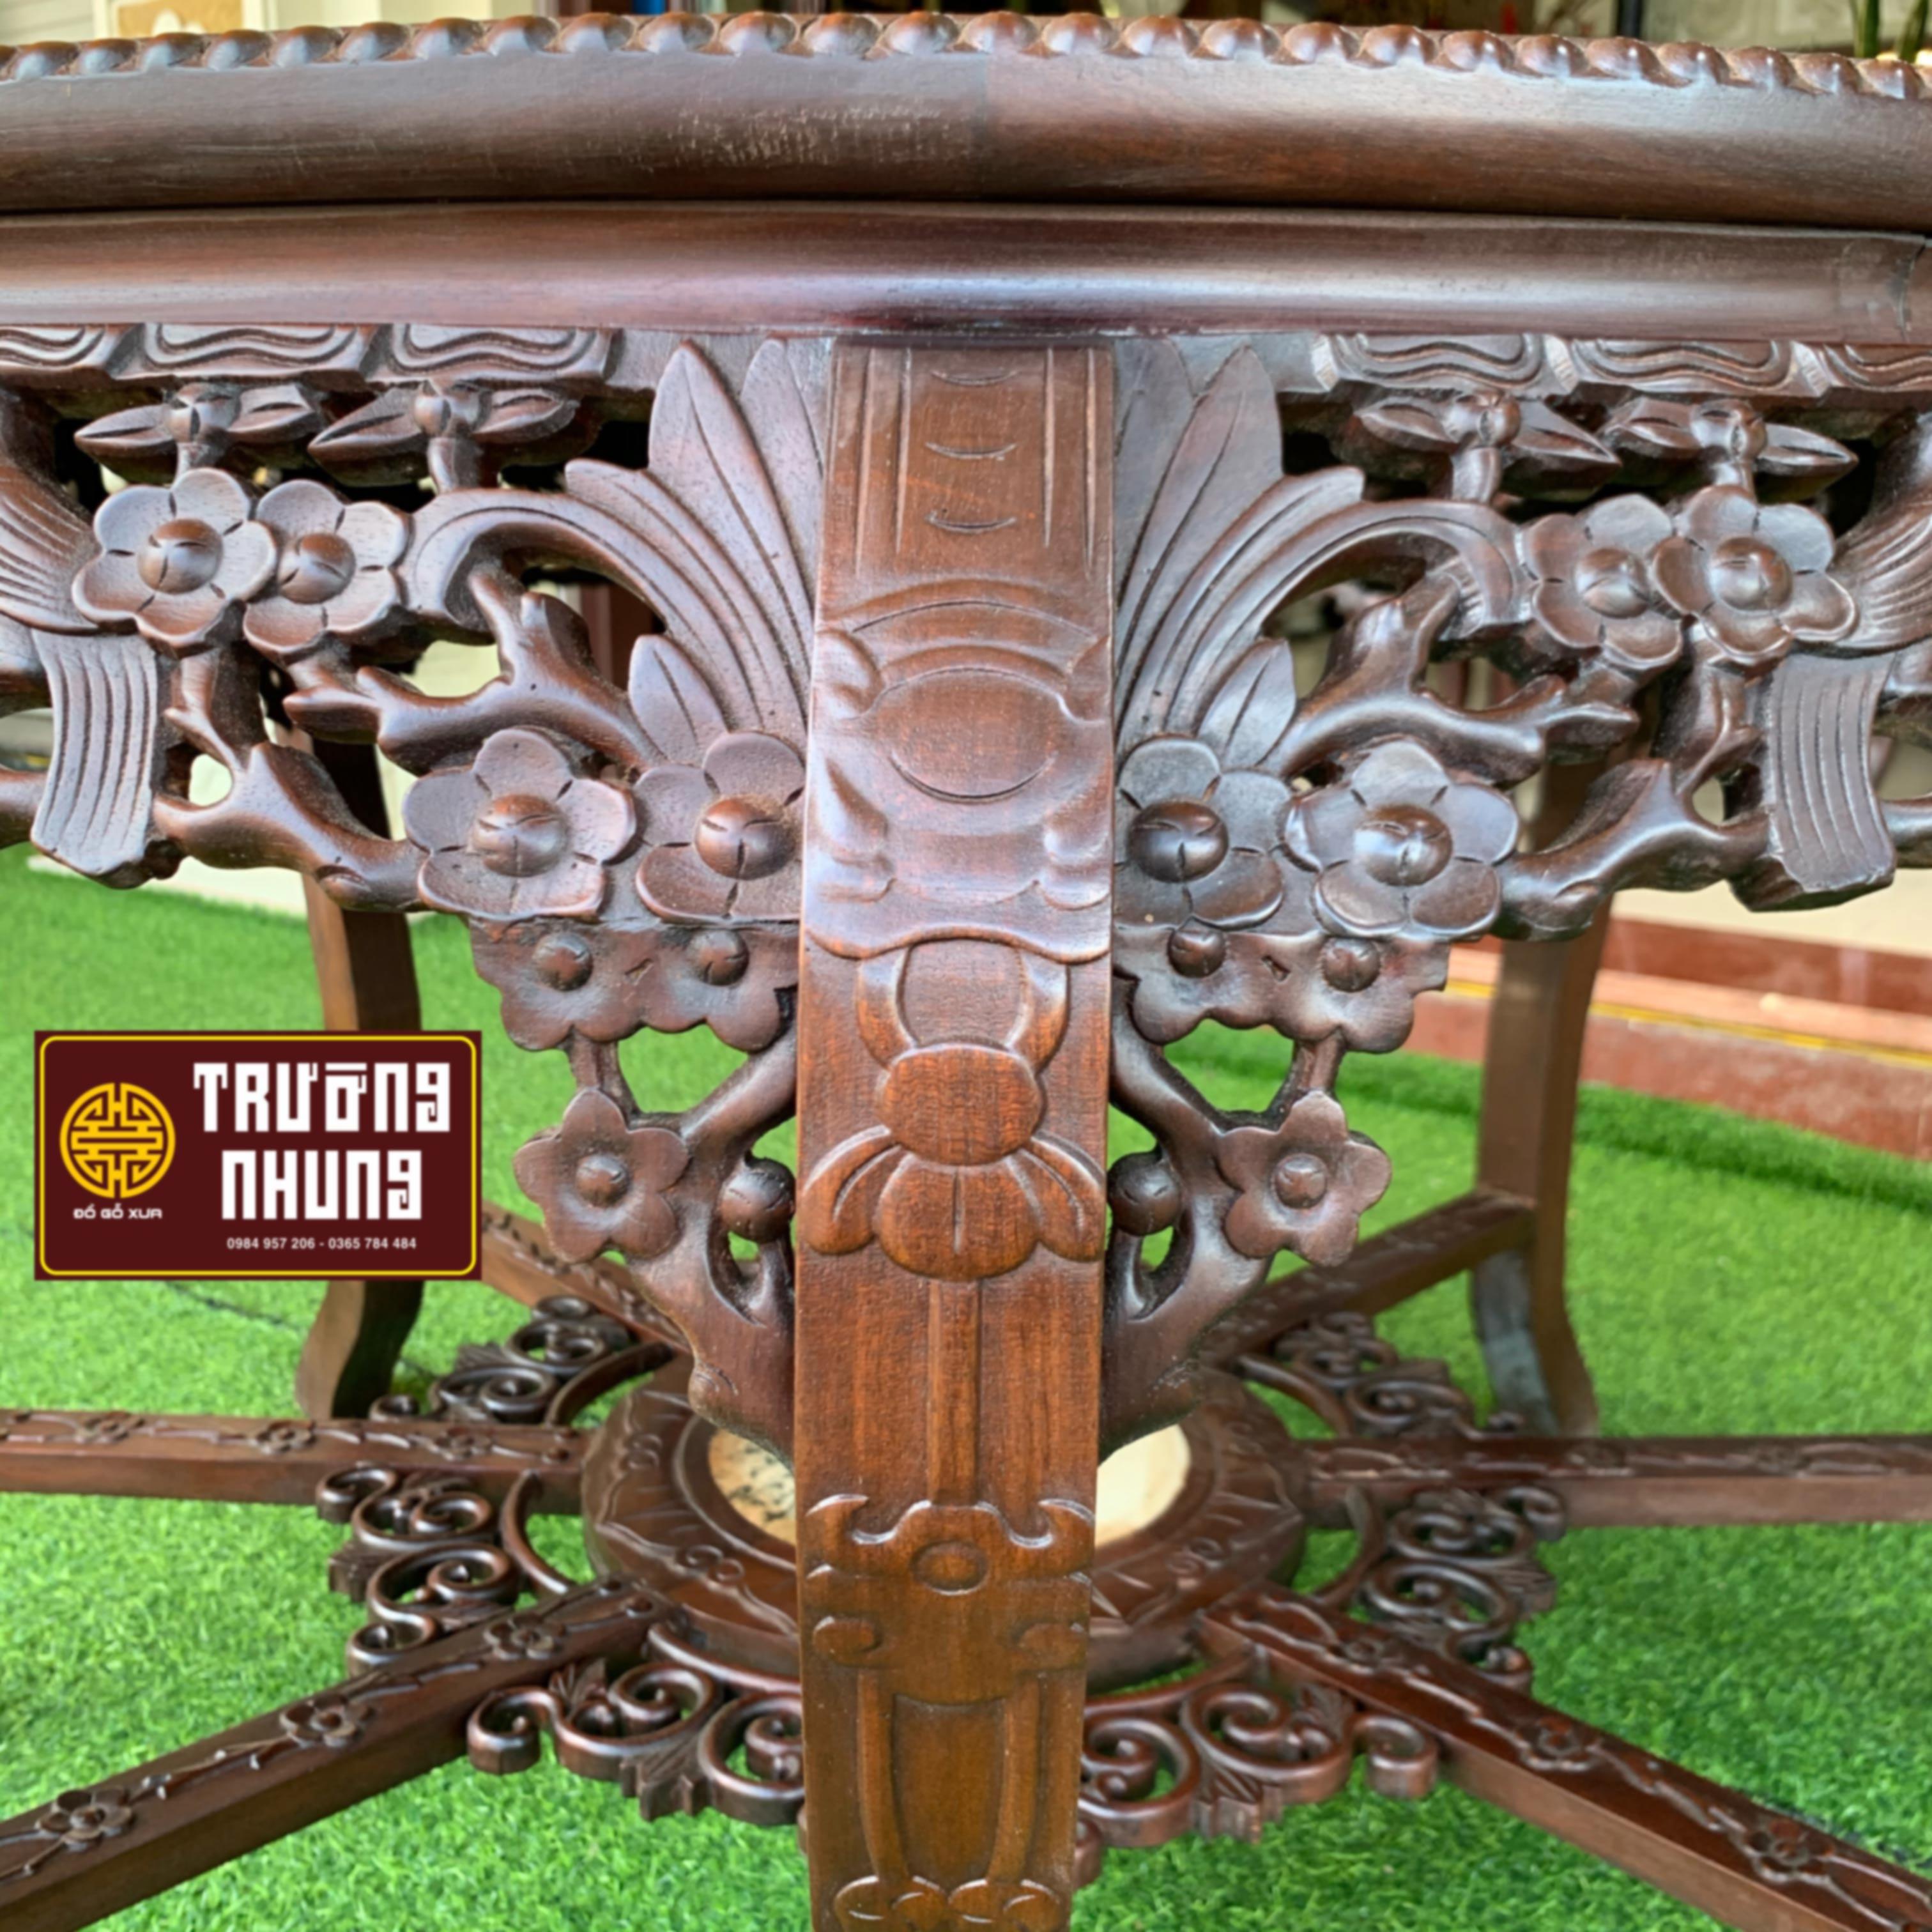 bàn - chạm - tích - hoa - mai - bộ - ghế - ăn - bàn - tròn - 9 món - gỗ - gụ - ĐỒ - GỖ - XƯA - TRƯỜNG - NHUNG